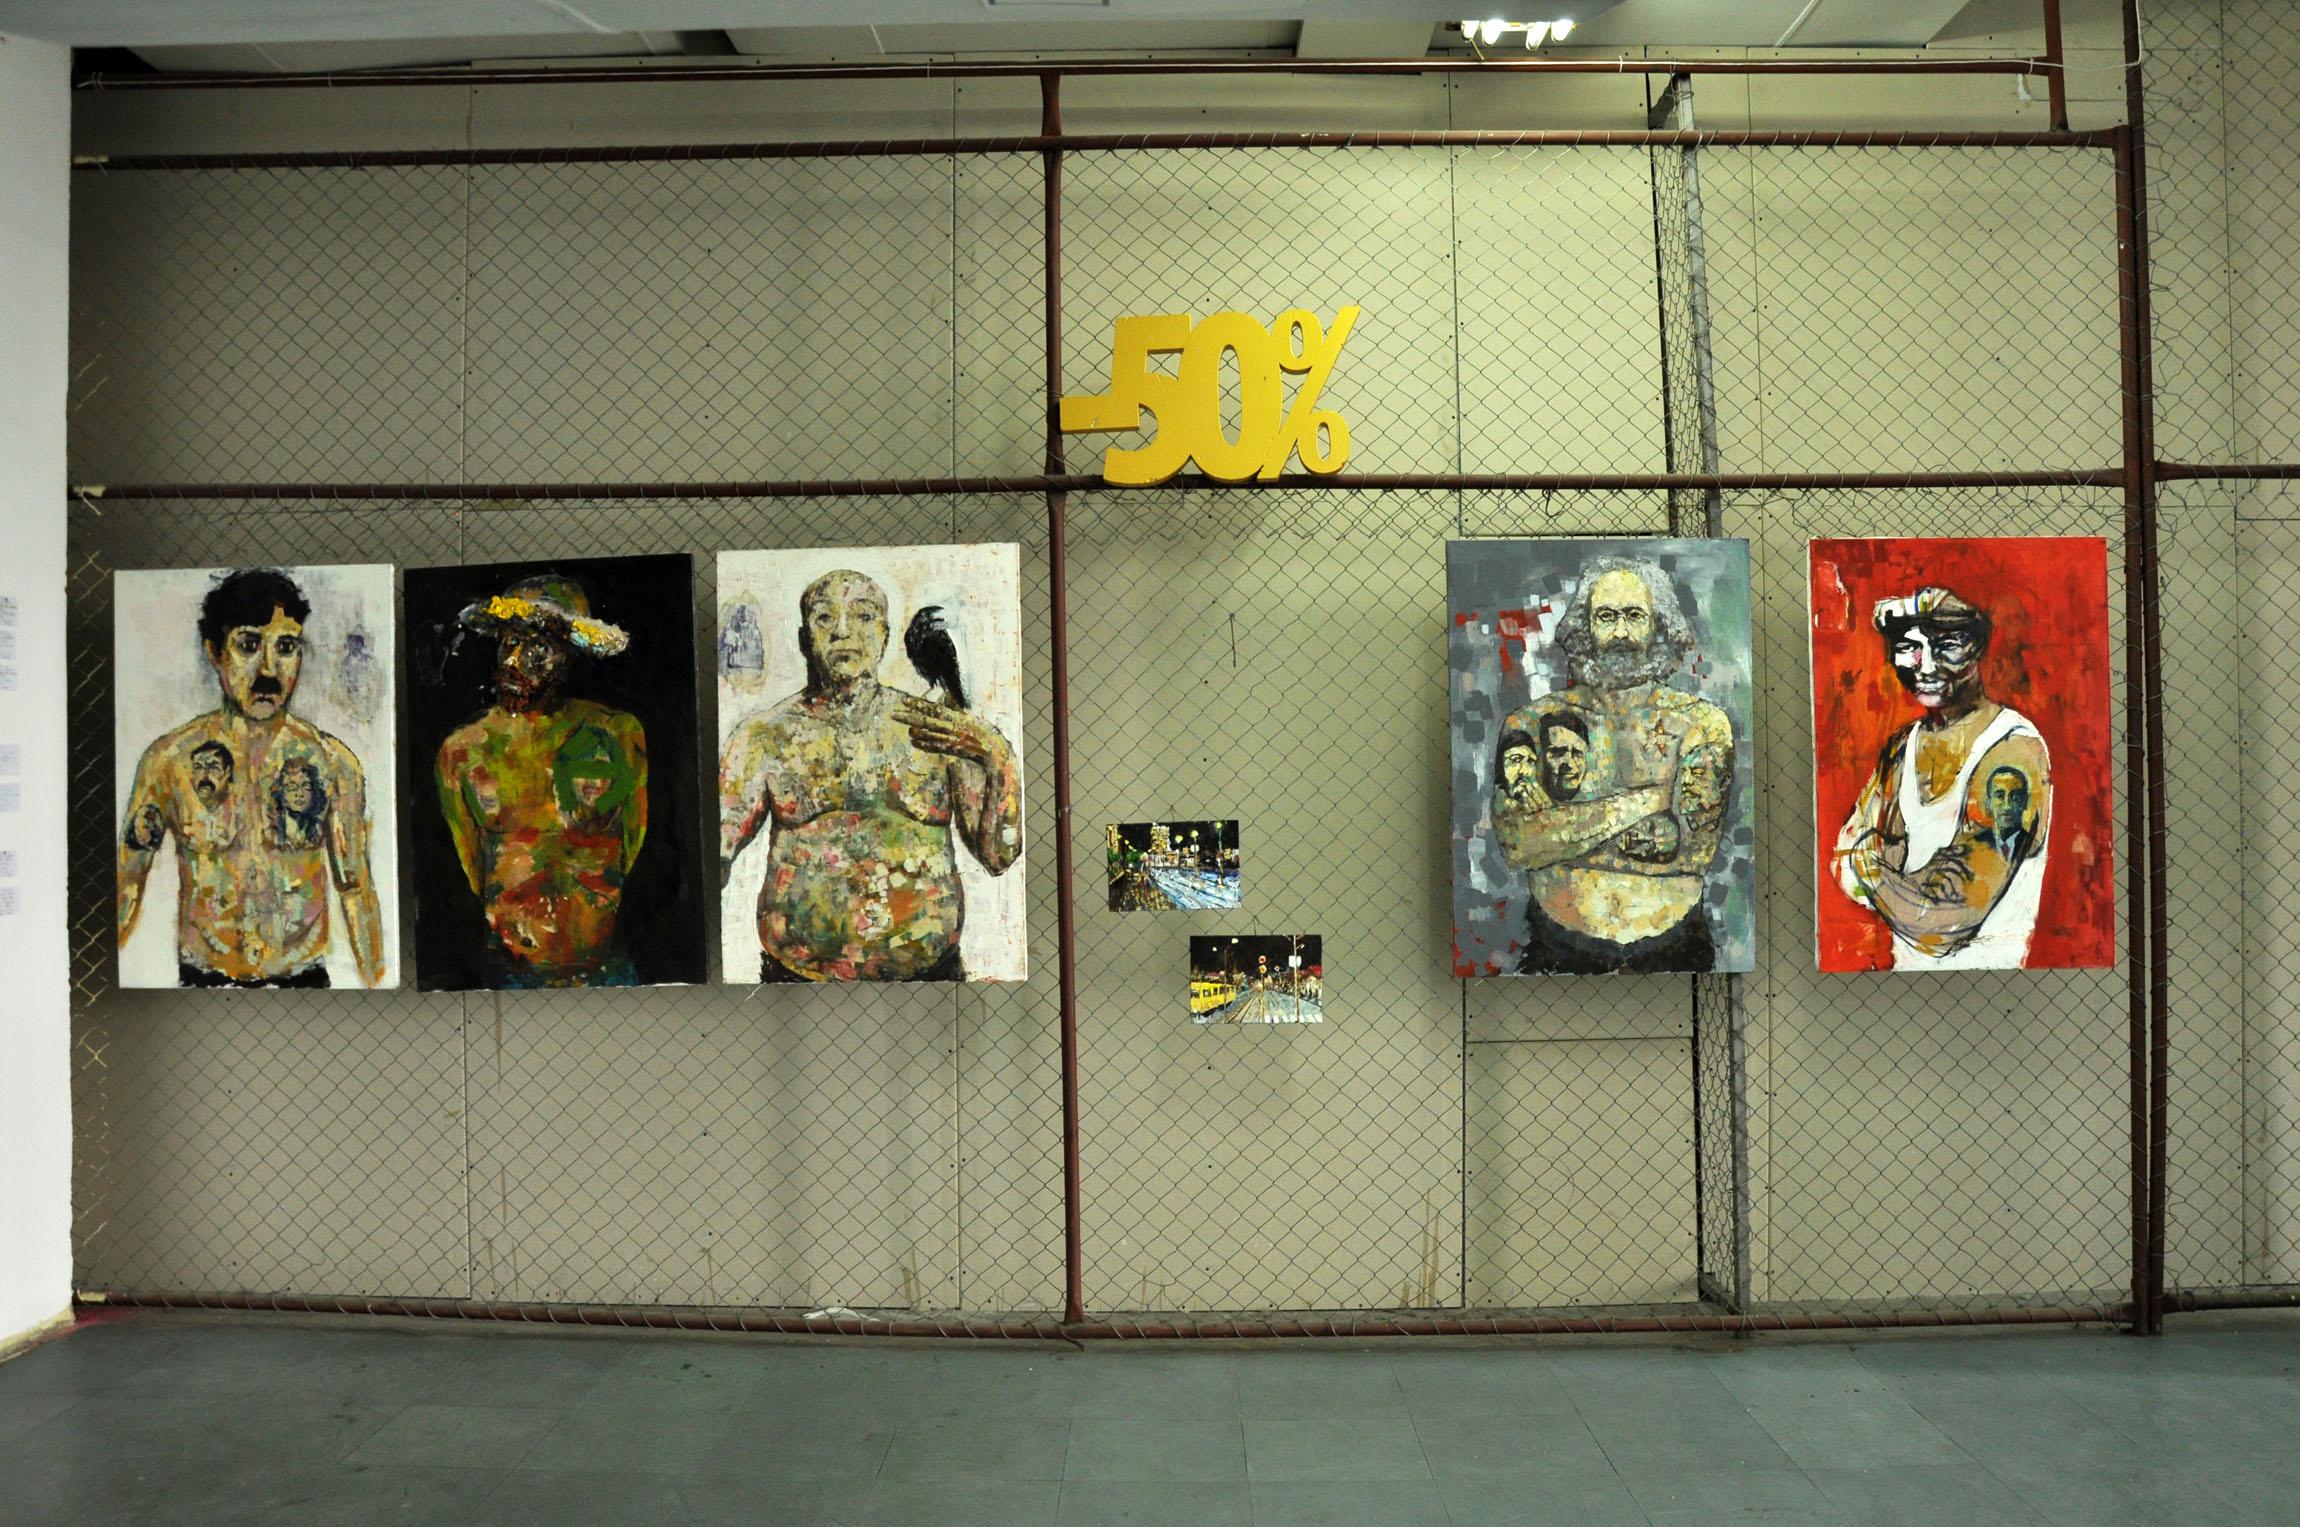 Studio 8 - 2013, Darko Omcikus